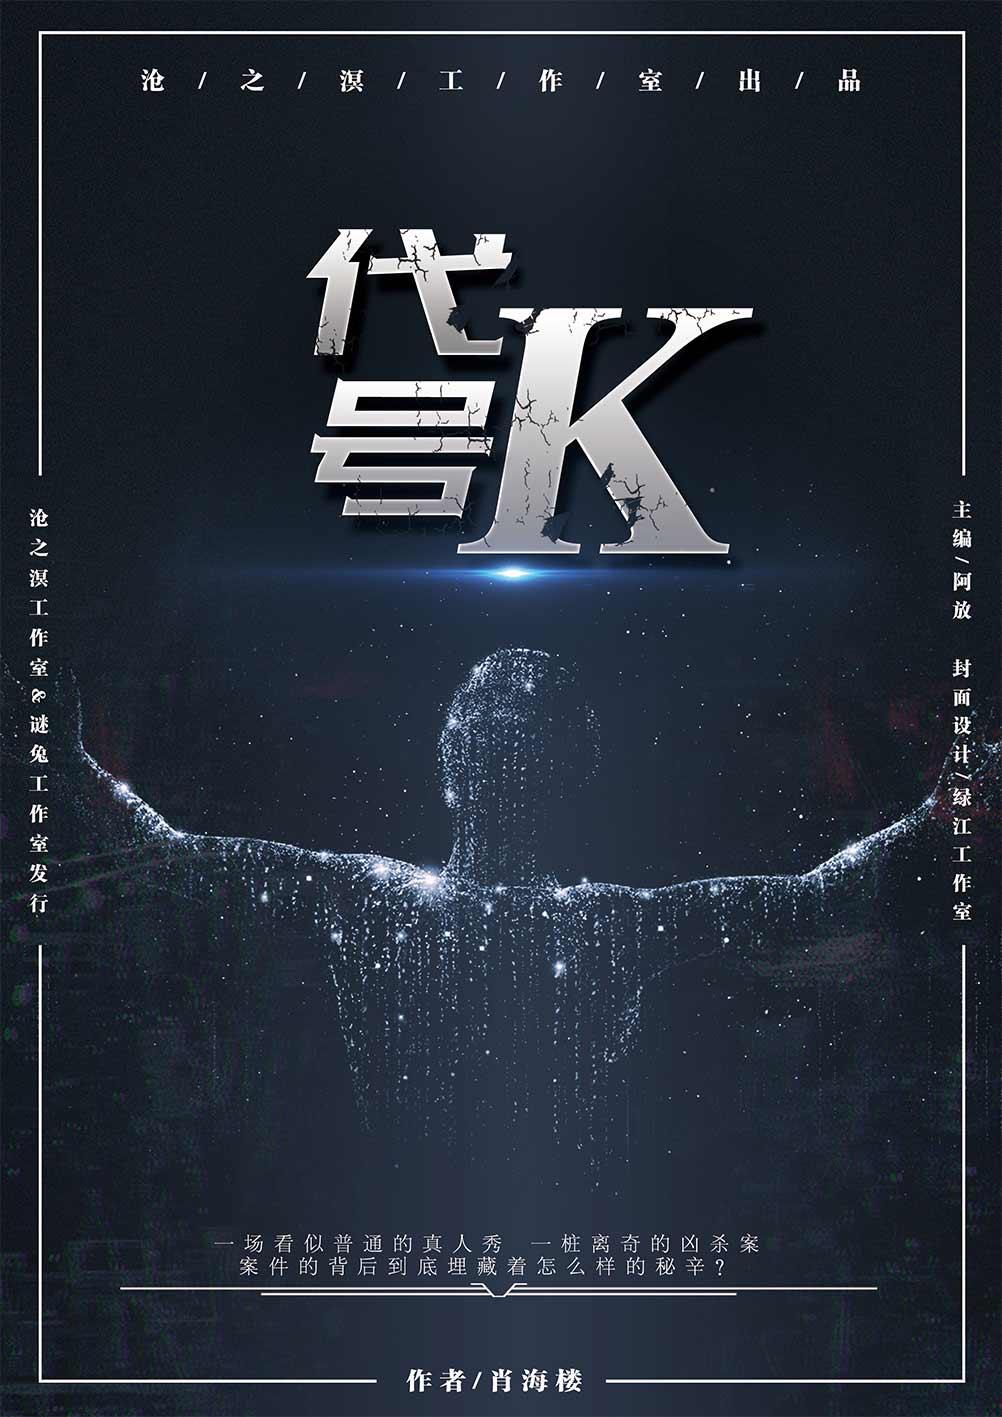 剧本杀代号K复盘解析+凶手是谁+手法动机+剧透